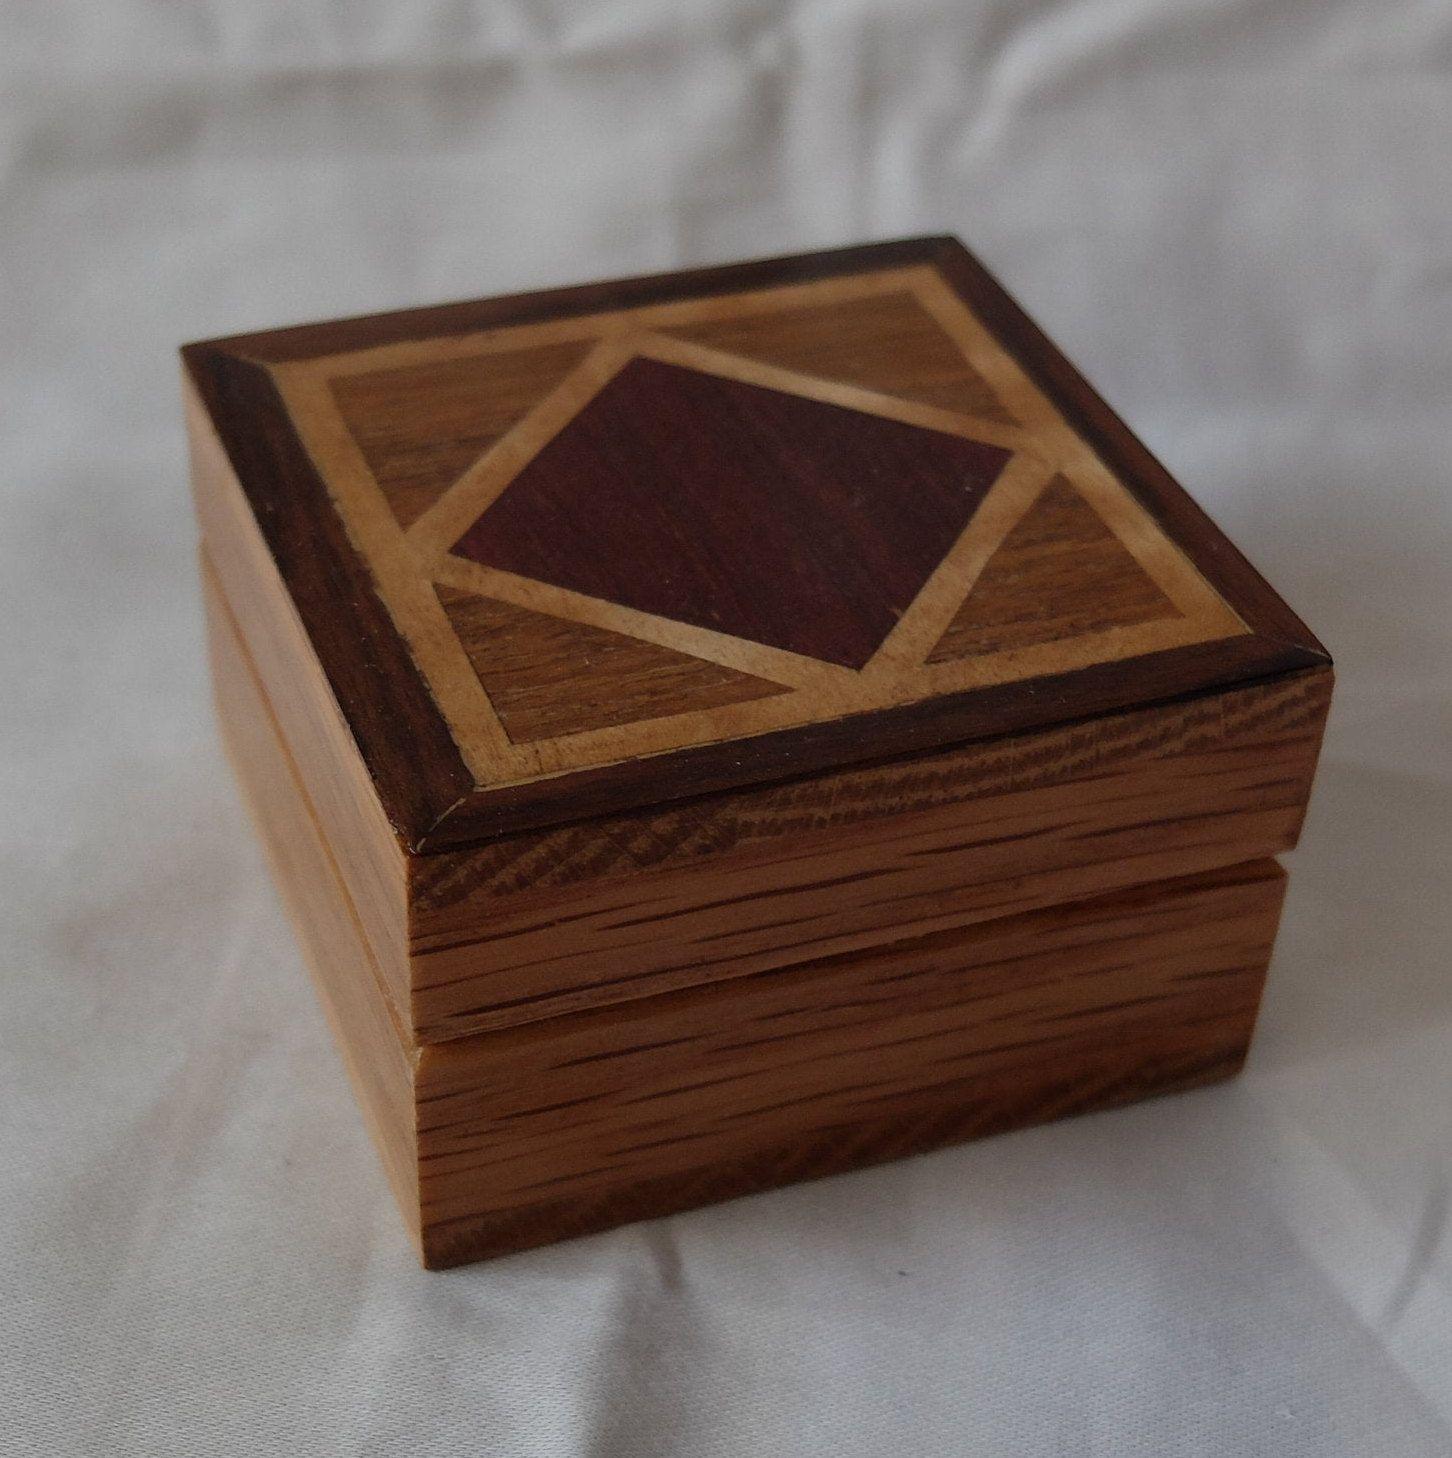 Small Hand Veneered Wooden Box With Lid Wood Veneers In Geometric Pattern Wooden Boxes Wooden Box With Lid Veneers